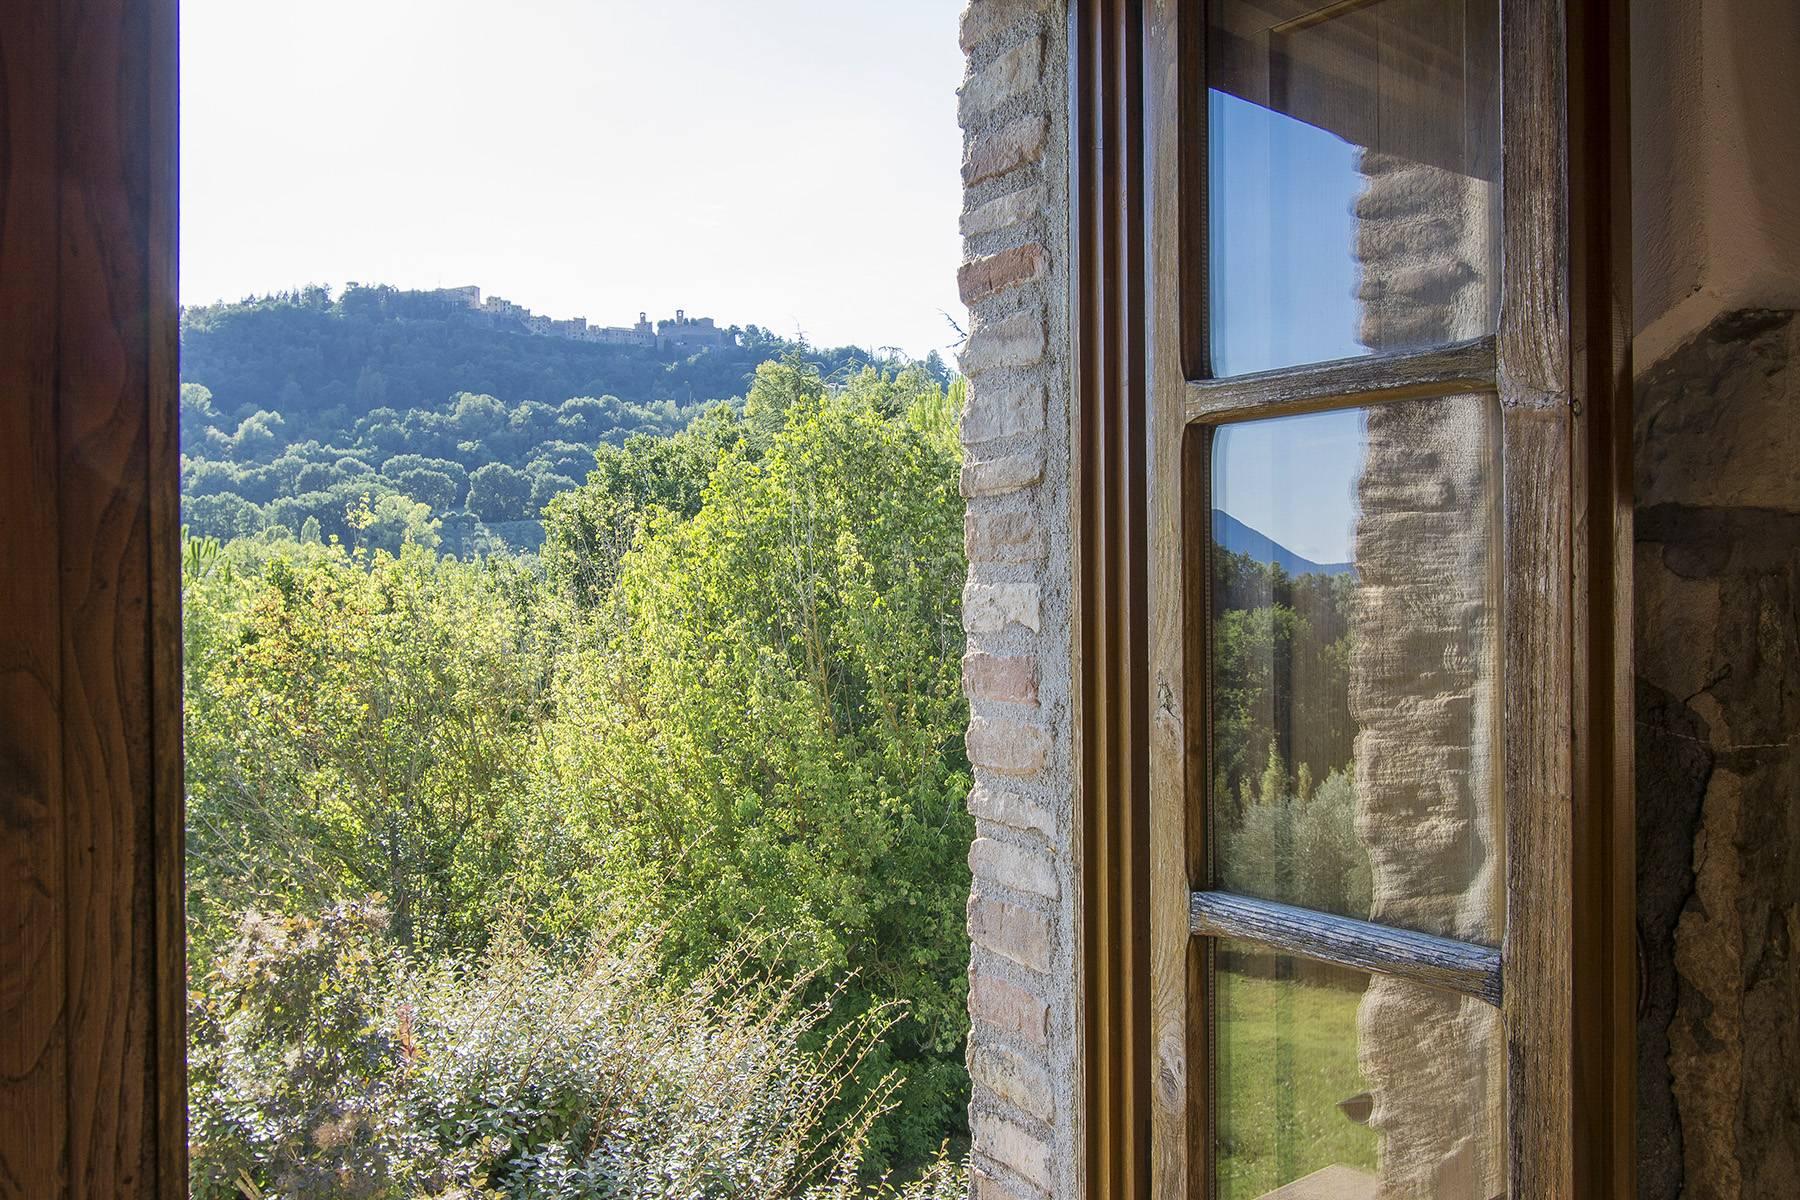 Rustico in Vendita a Montone: 5 locali, 700 mq - Foto 21